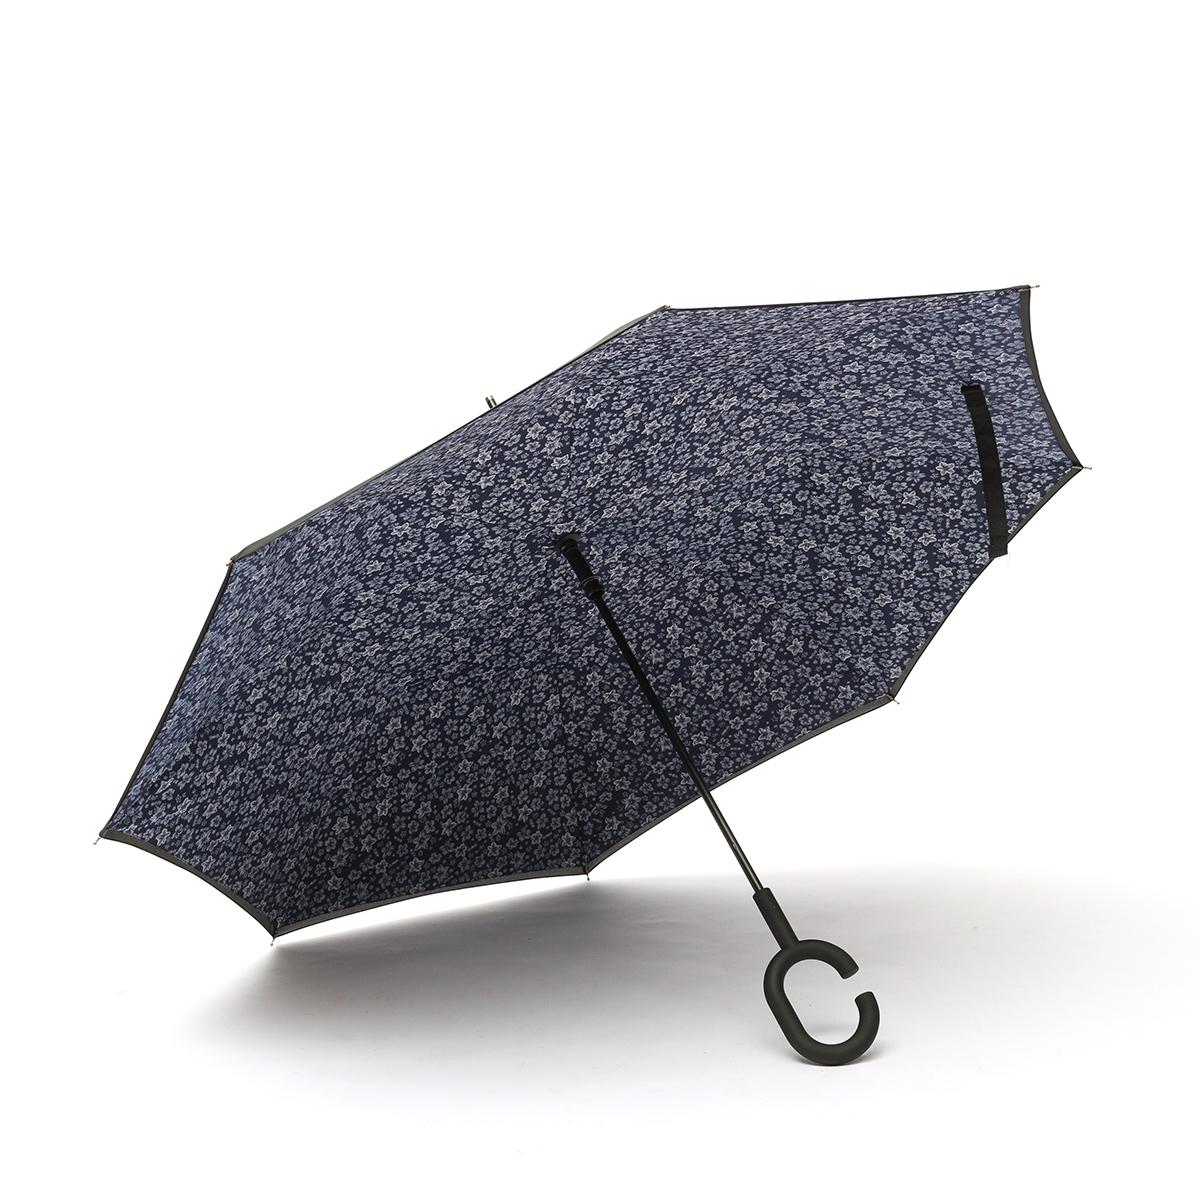 anti uv vent pluie soleil parapluie parasol invers double couche ouverture d me achat vente. Black Bedroom Furniture Sets. Home Design Ideas